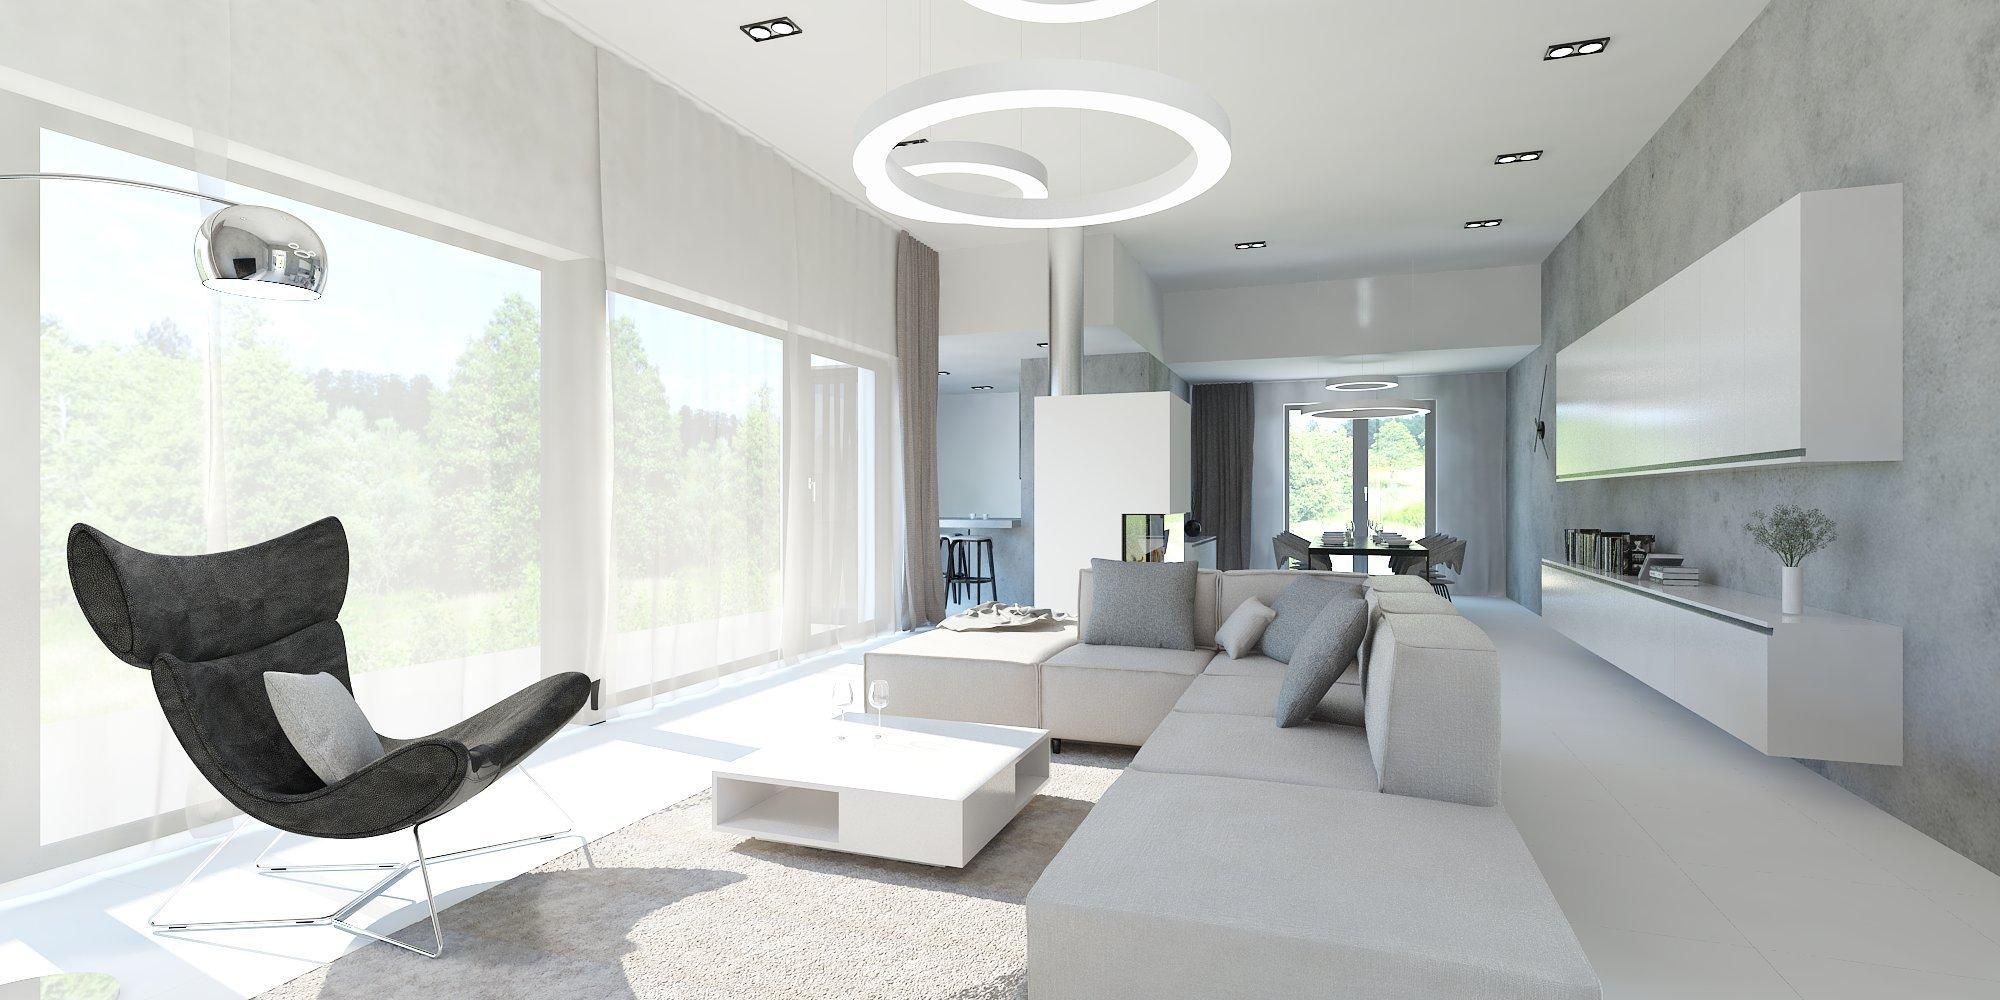 Senecký interiér z dieľne DOBRÝ INTERIÉR je veľkorysý, vďaka vysokým stropom a priestorovým možnostiam. Snahou bolo vzdušnosť podtrhnúť a preto sa projekt…